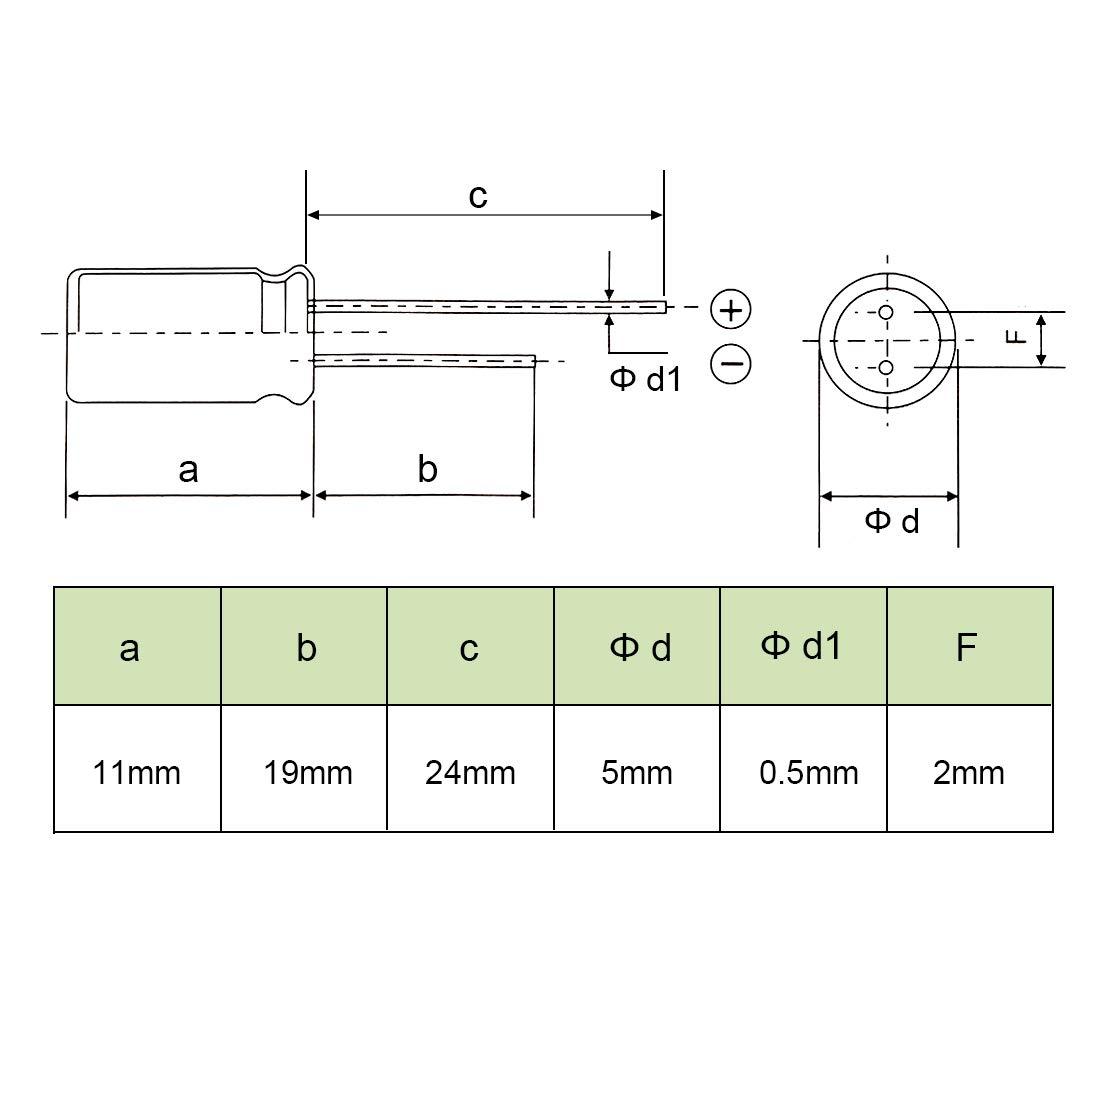 sourcing map Alluminio radiale Condensatore elettrolitico bassa ESR verde con 680uF 25V 105 Celsius vita 3000H 10 x 17mm Corrente elevata ondulazione,bassa impedenza 20pz